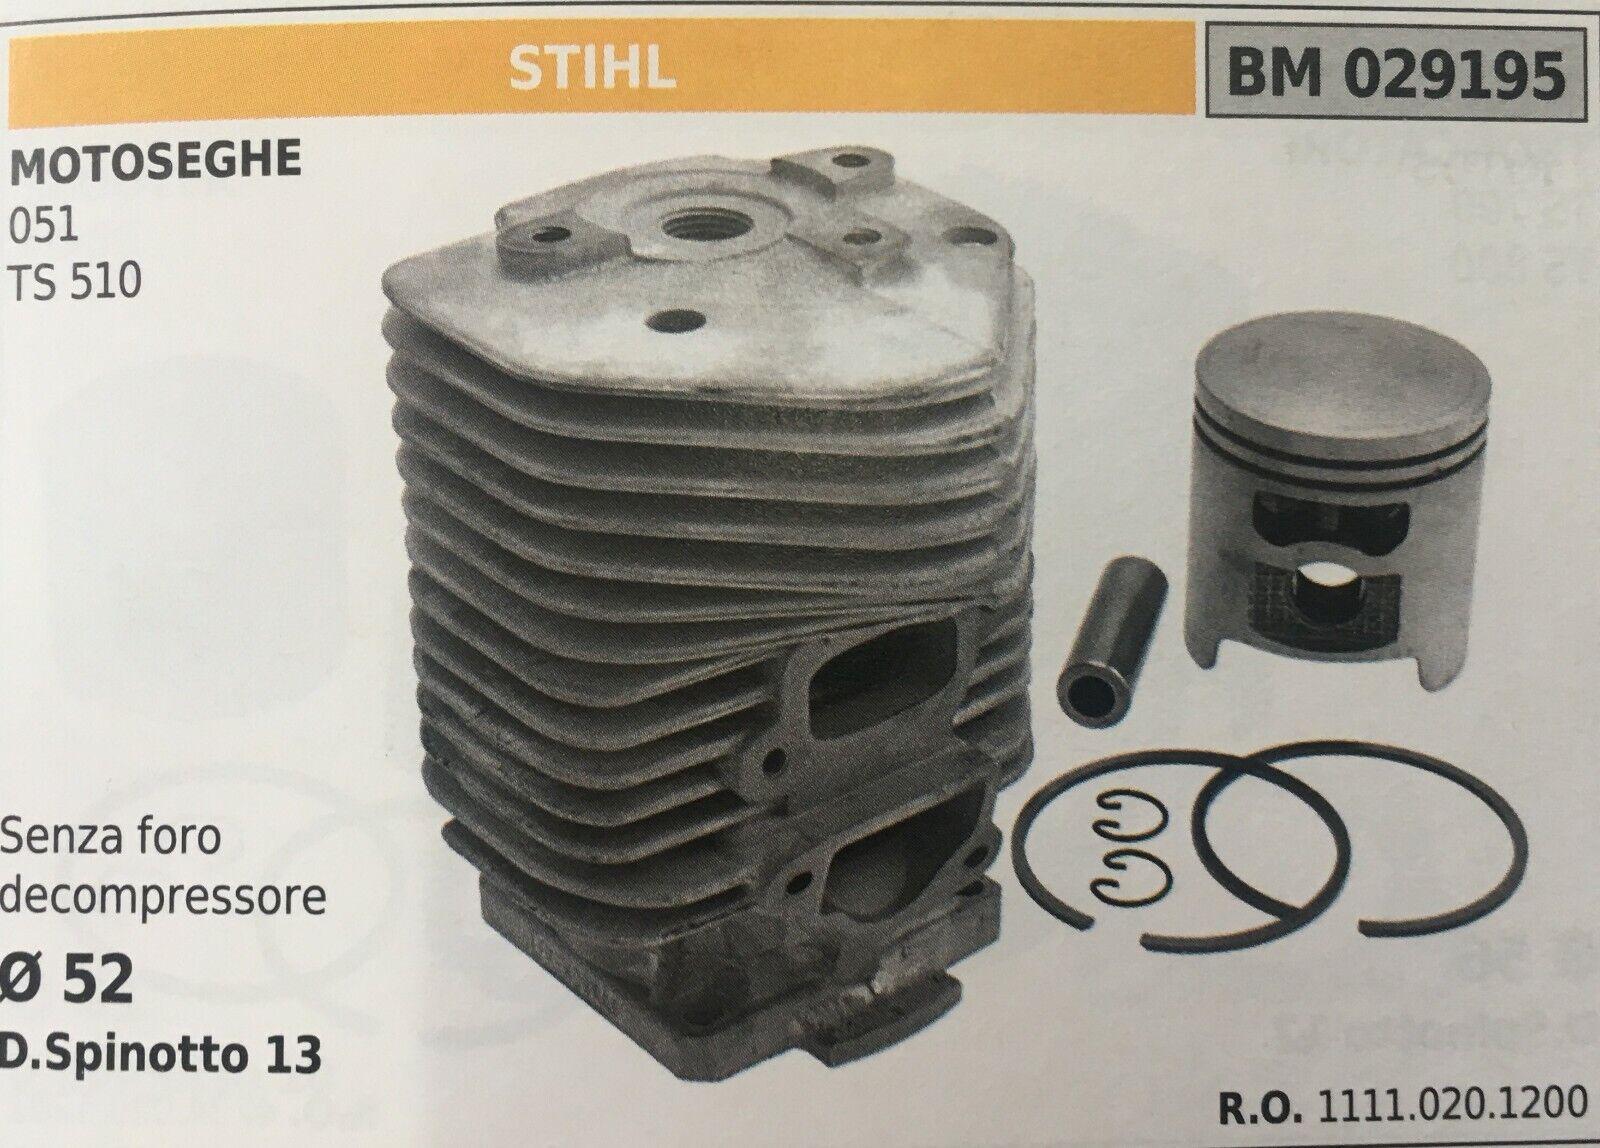 Cilindro Completo por Pistón y Segmentos Brumar BM029195 Stihl